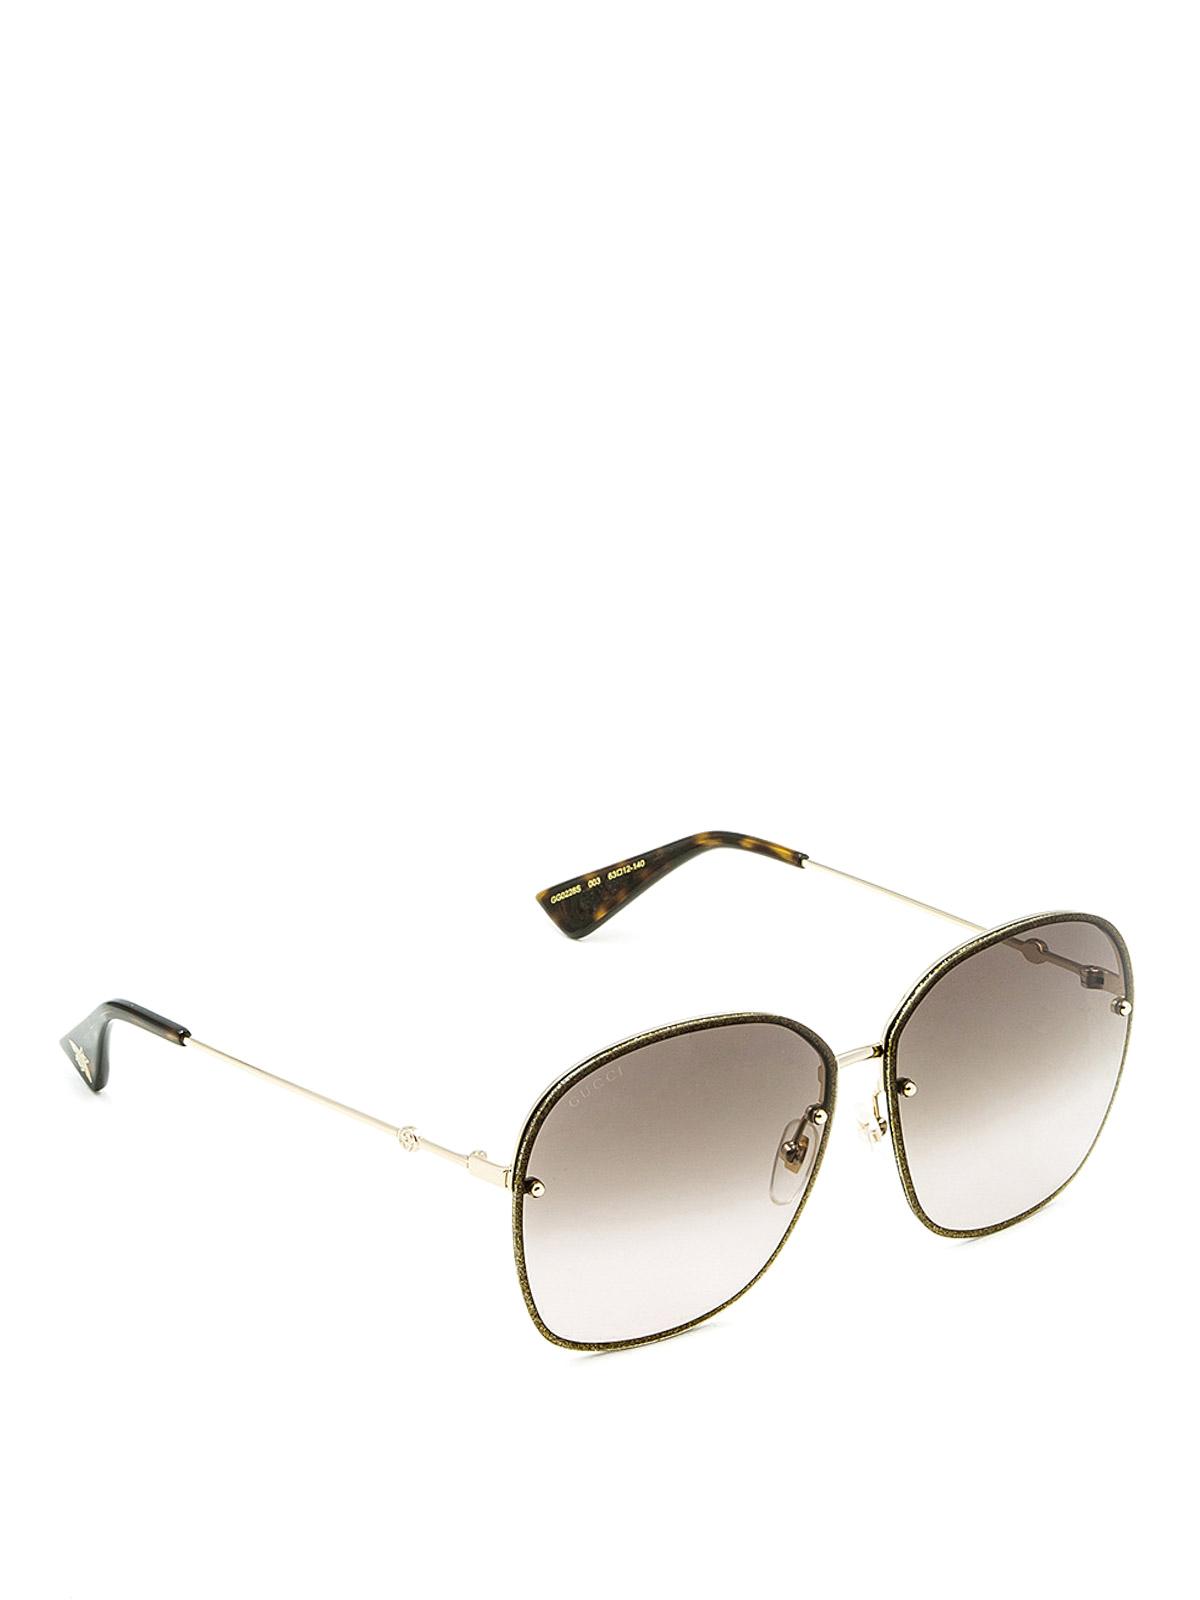 81690b20f3e Gucci - Square frame metal sunglasses - sunglasses - GG0228S3 ...